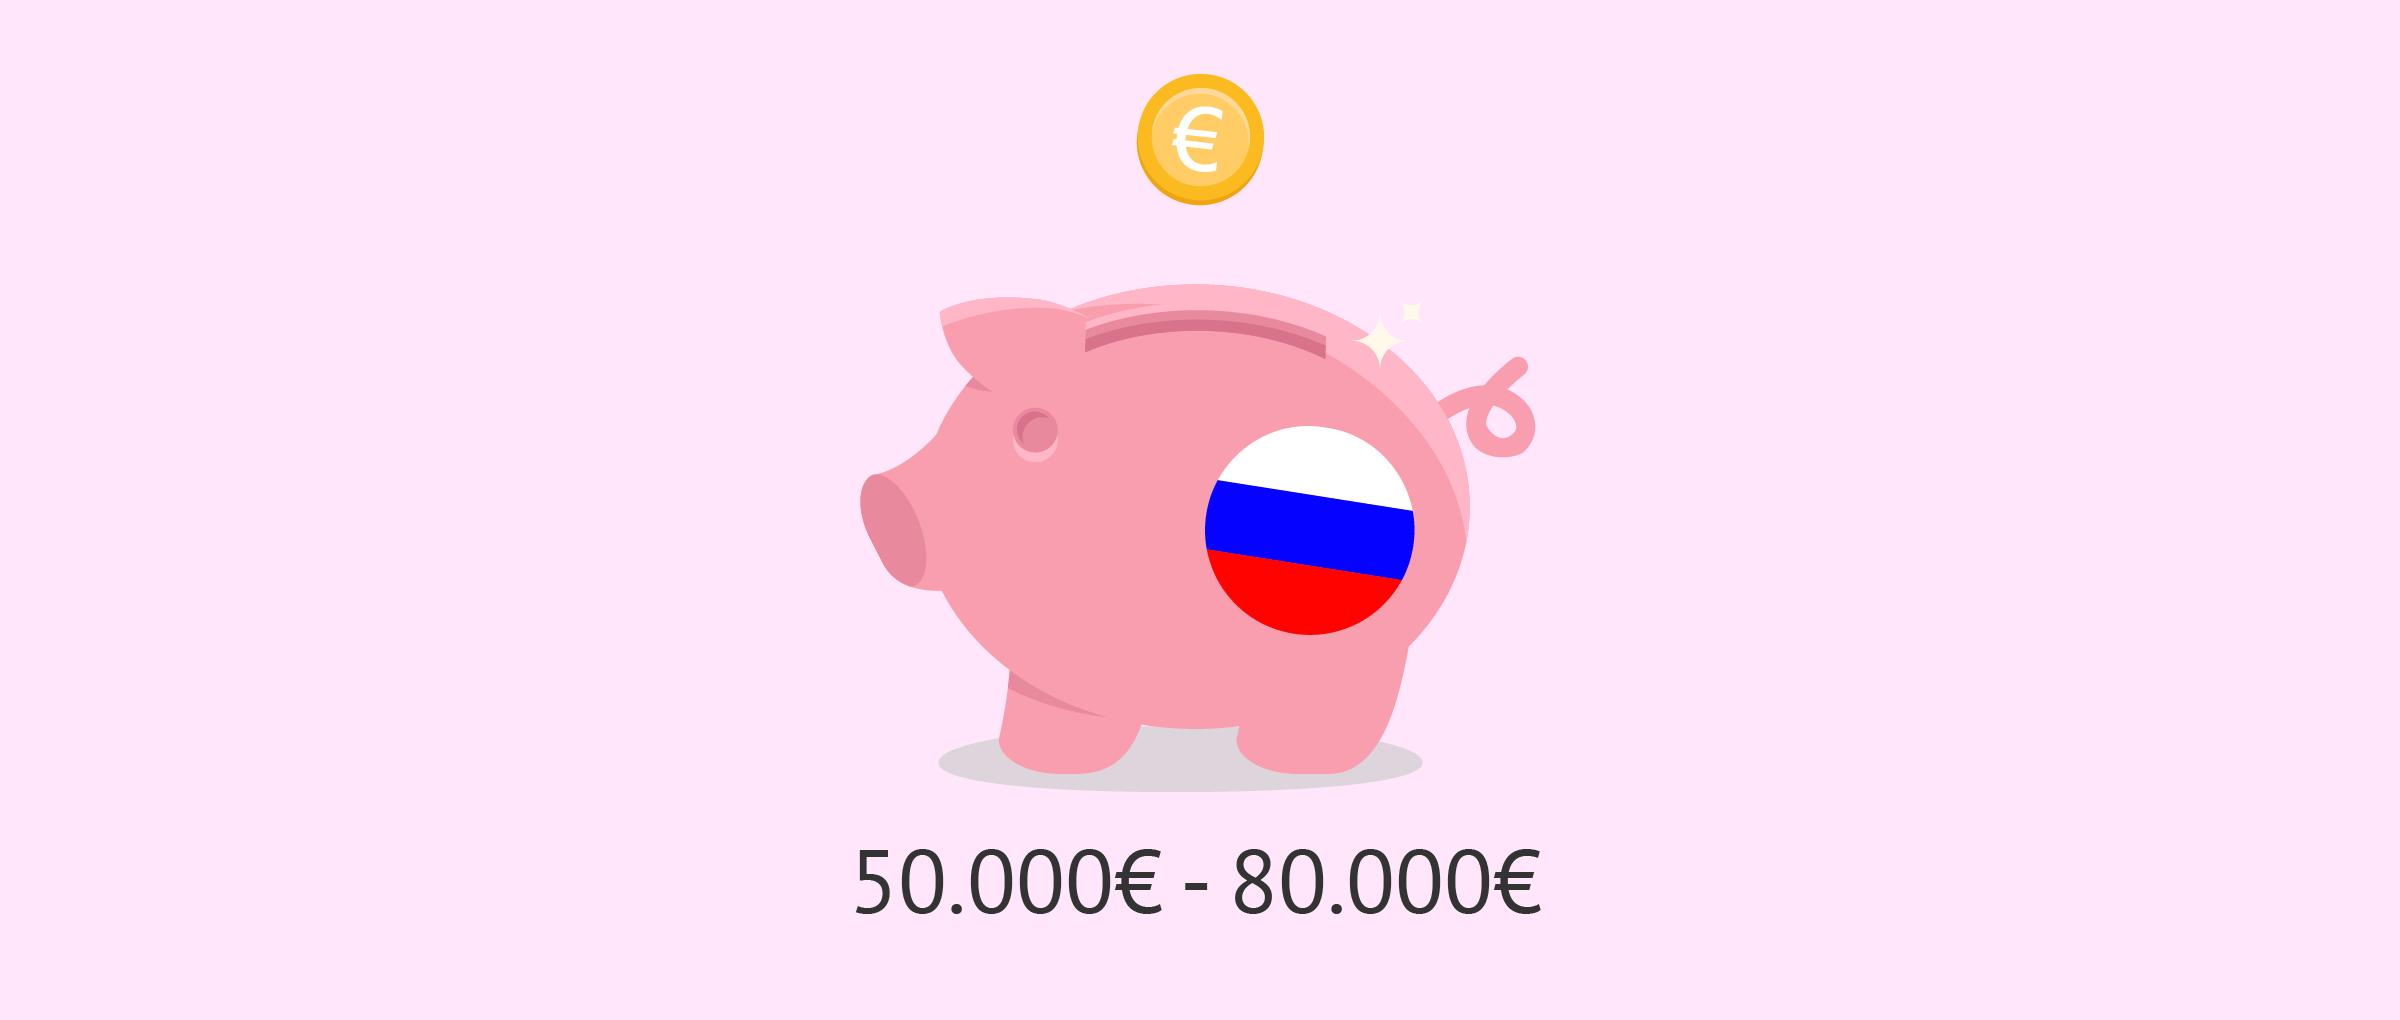 Precio de la gestación subrogada en Rusia